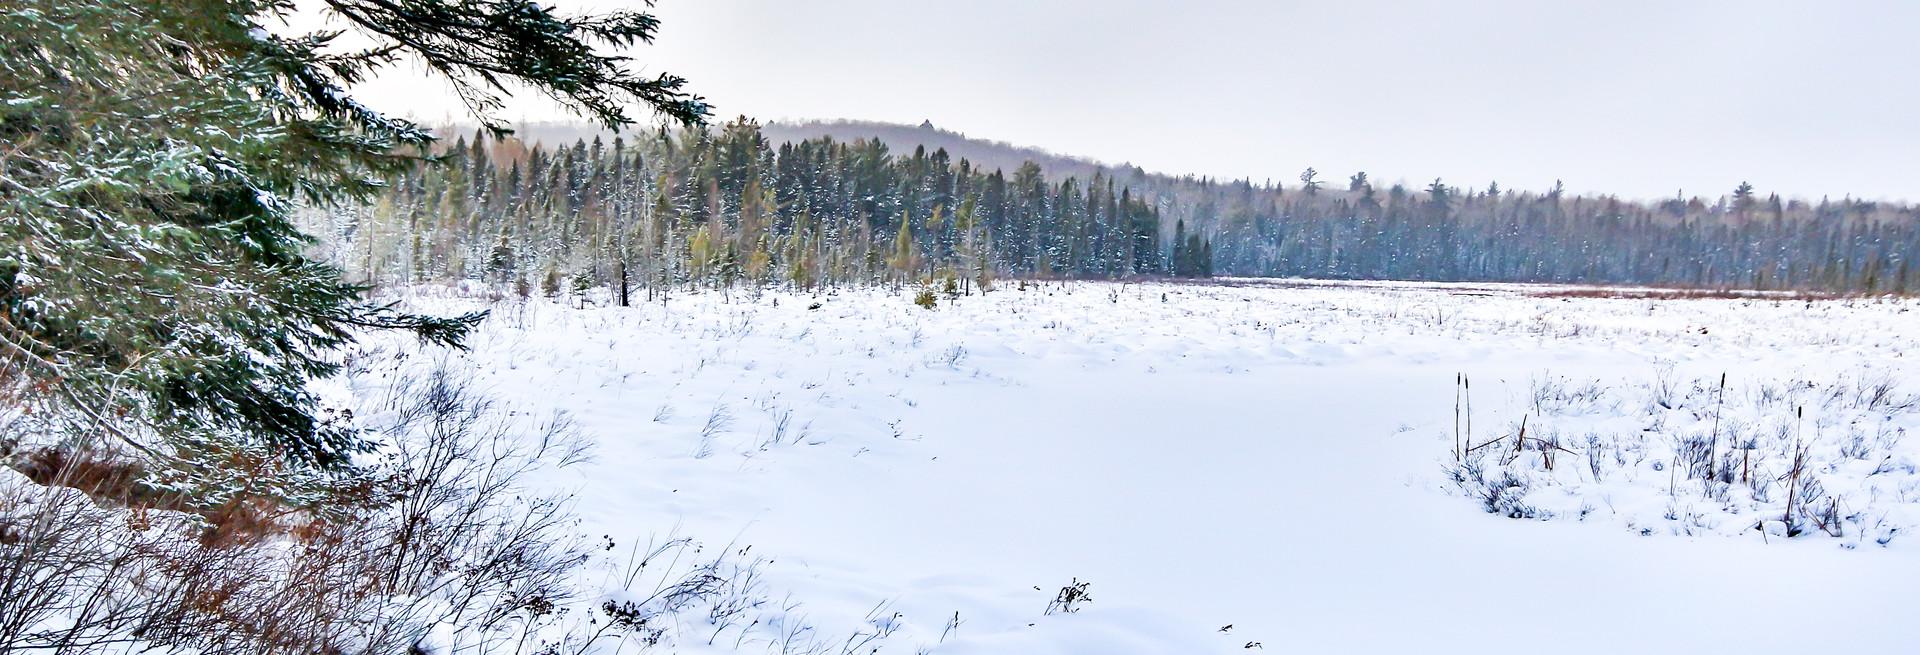 Parc Algonquin sous la neige / Algonquin park under snow